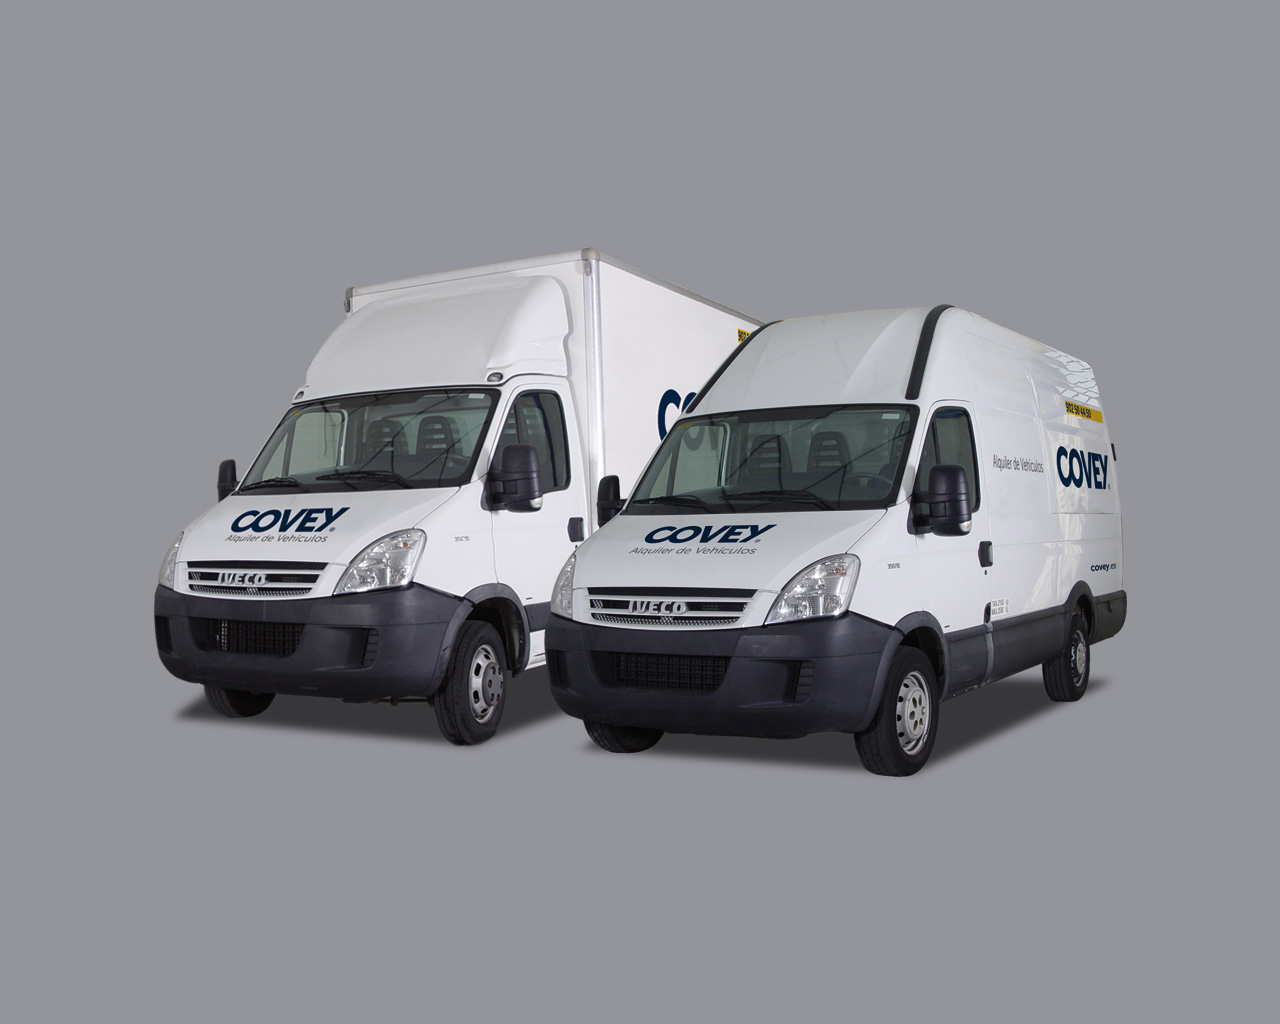 Covey - Rotulación de vehículos